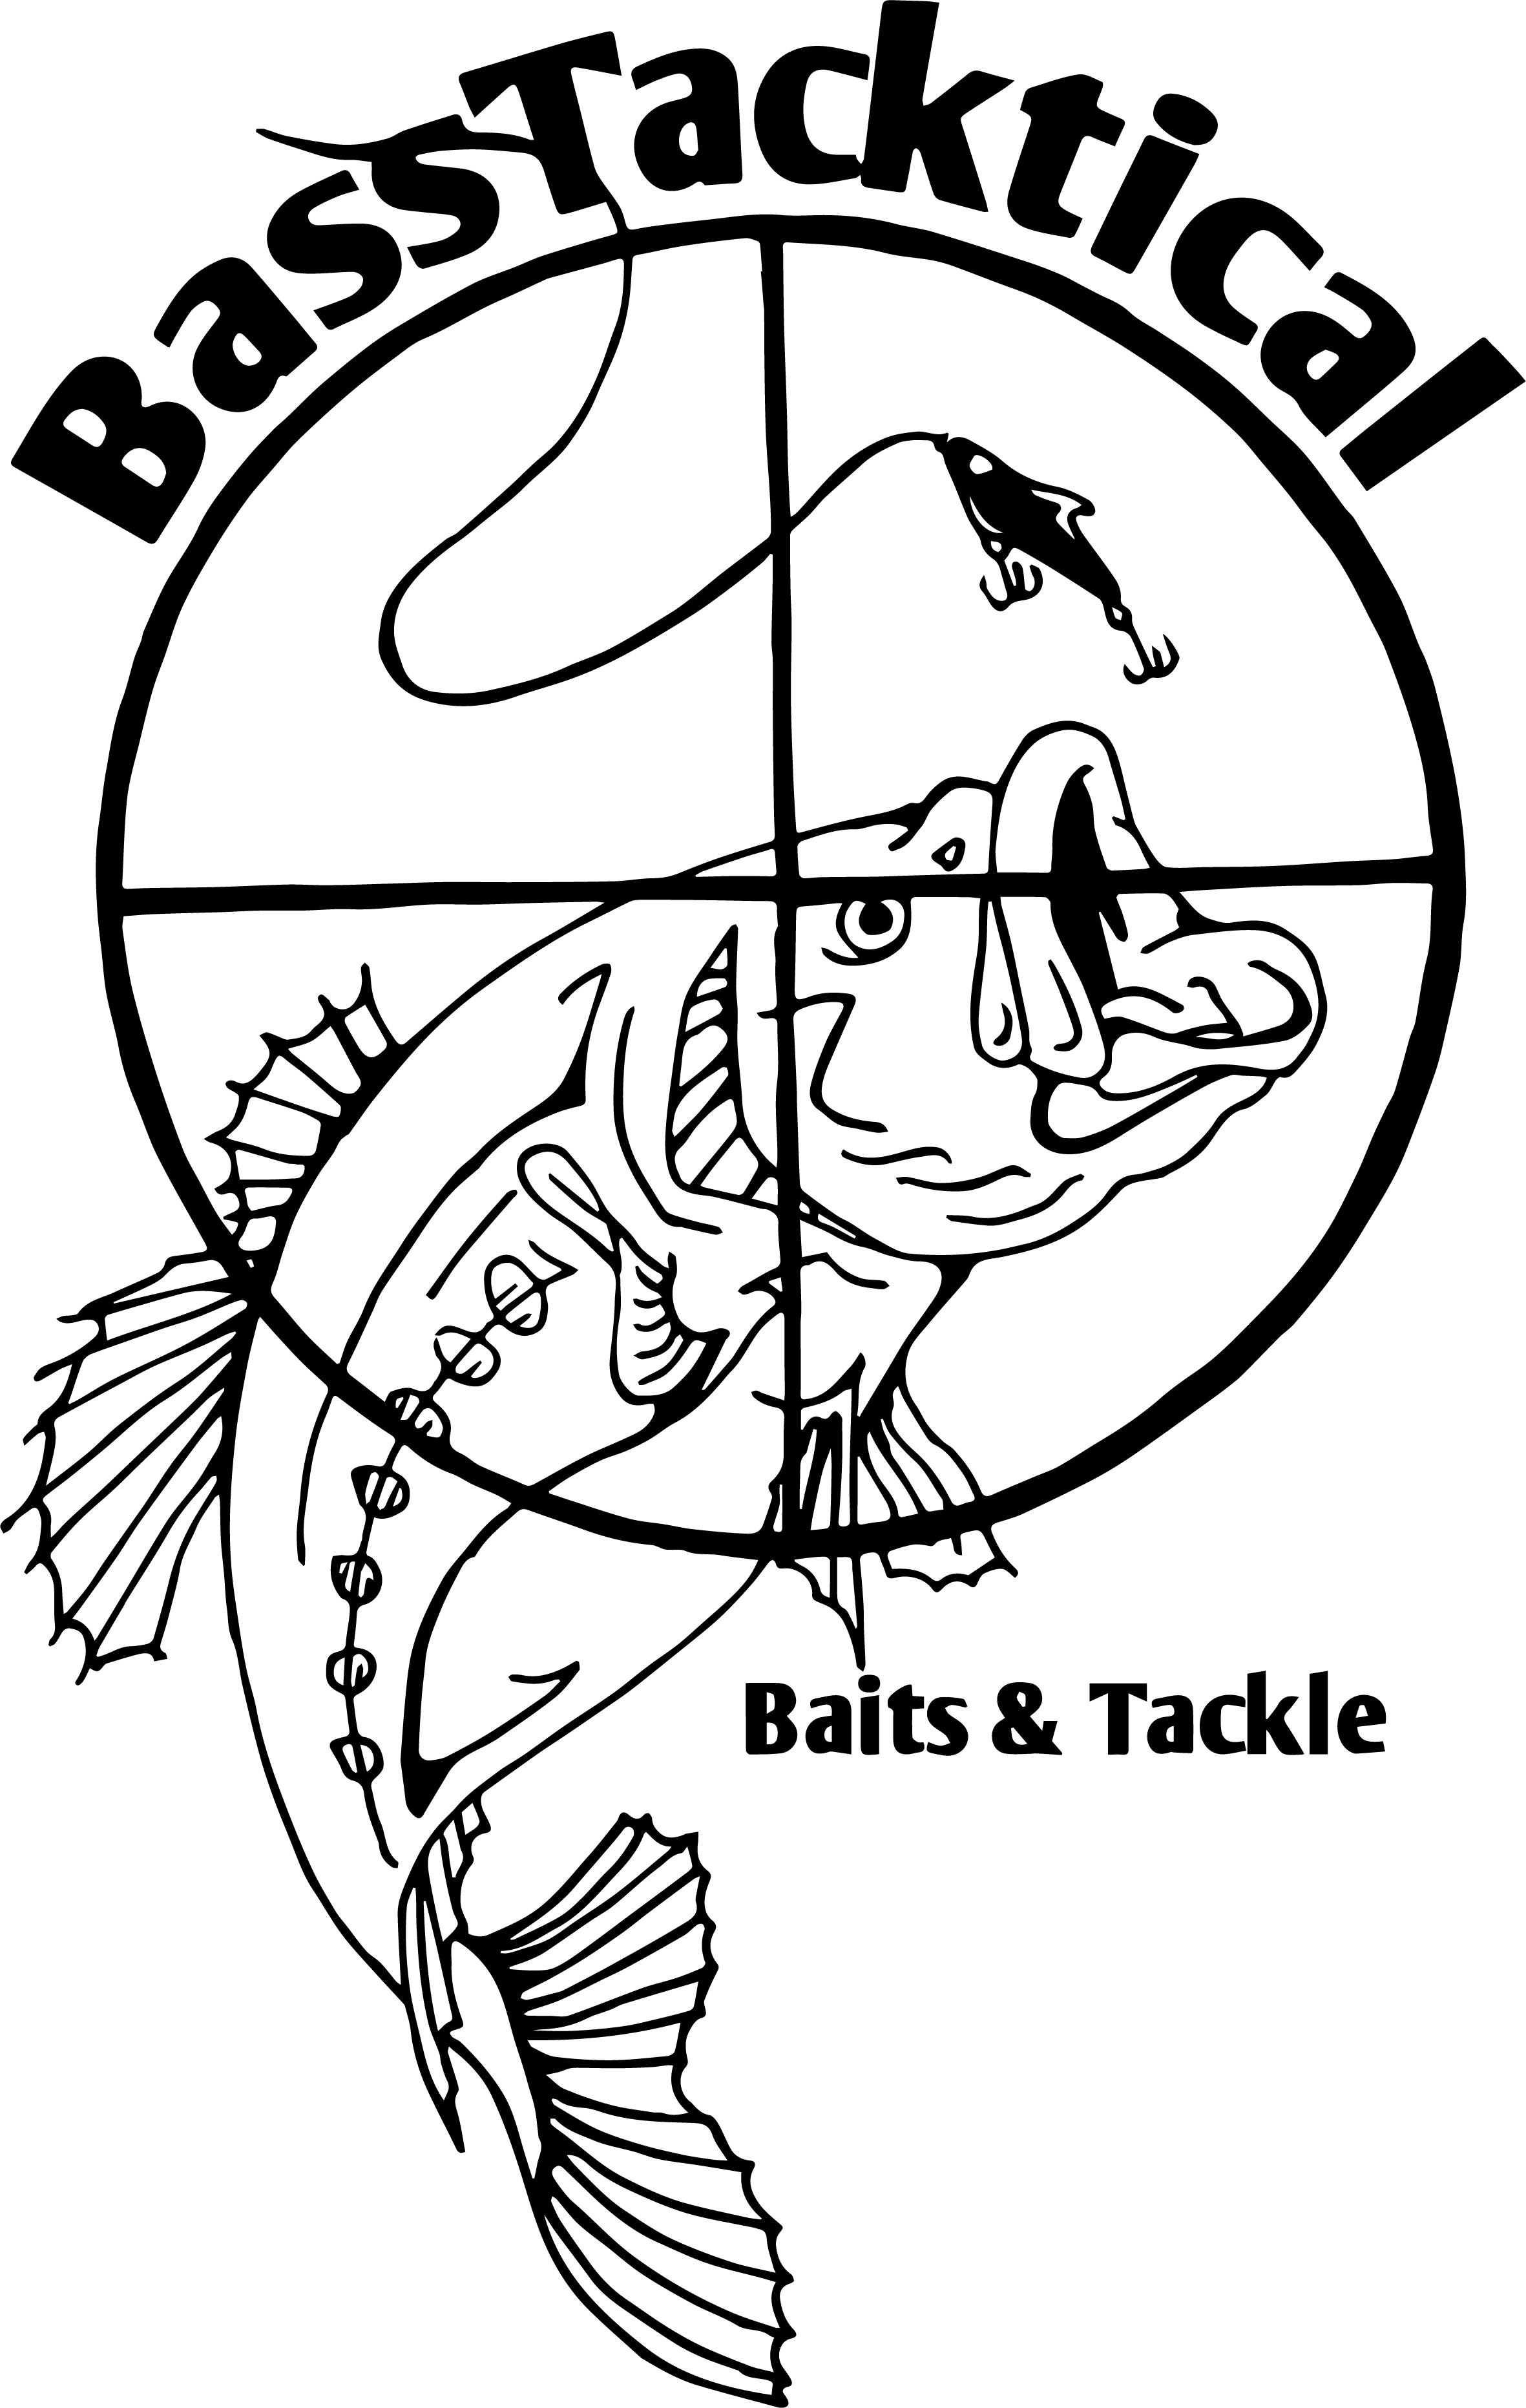 Bass Tacktical Baits & Tackle